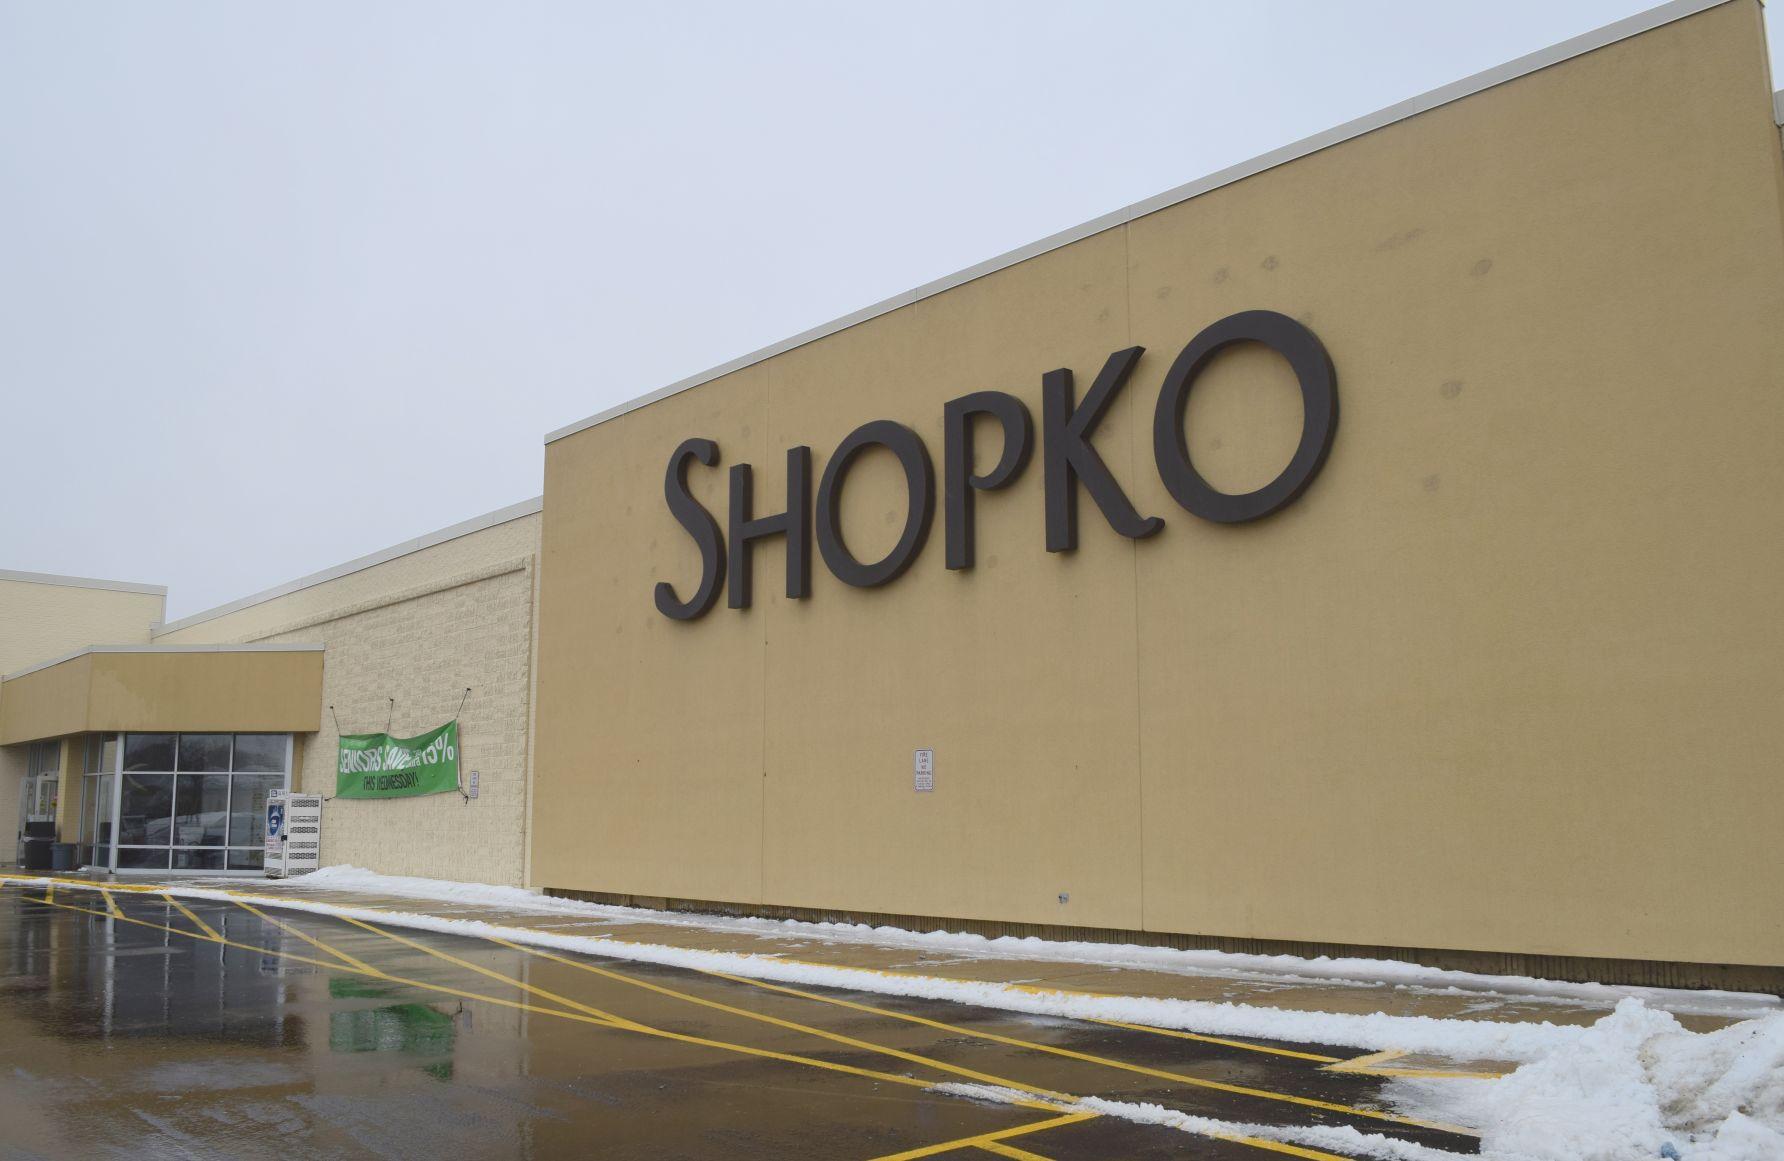 shopko sussex phone number